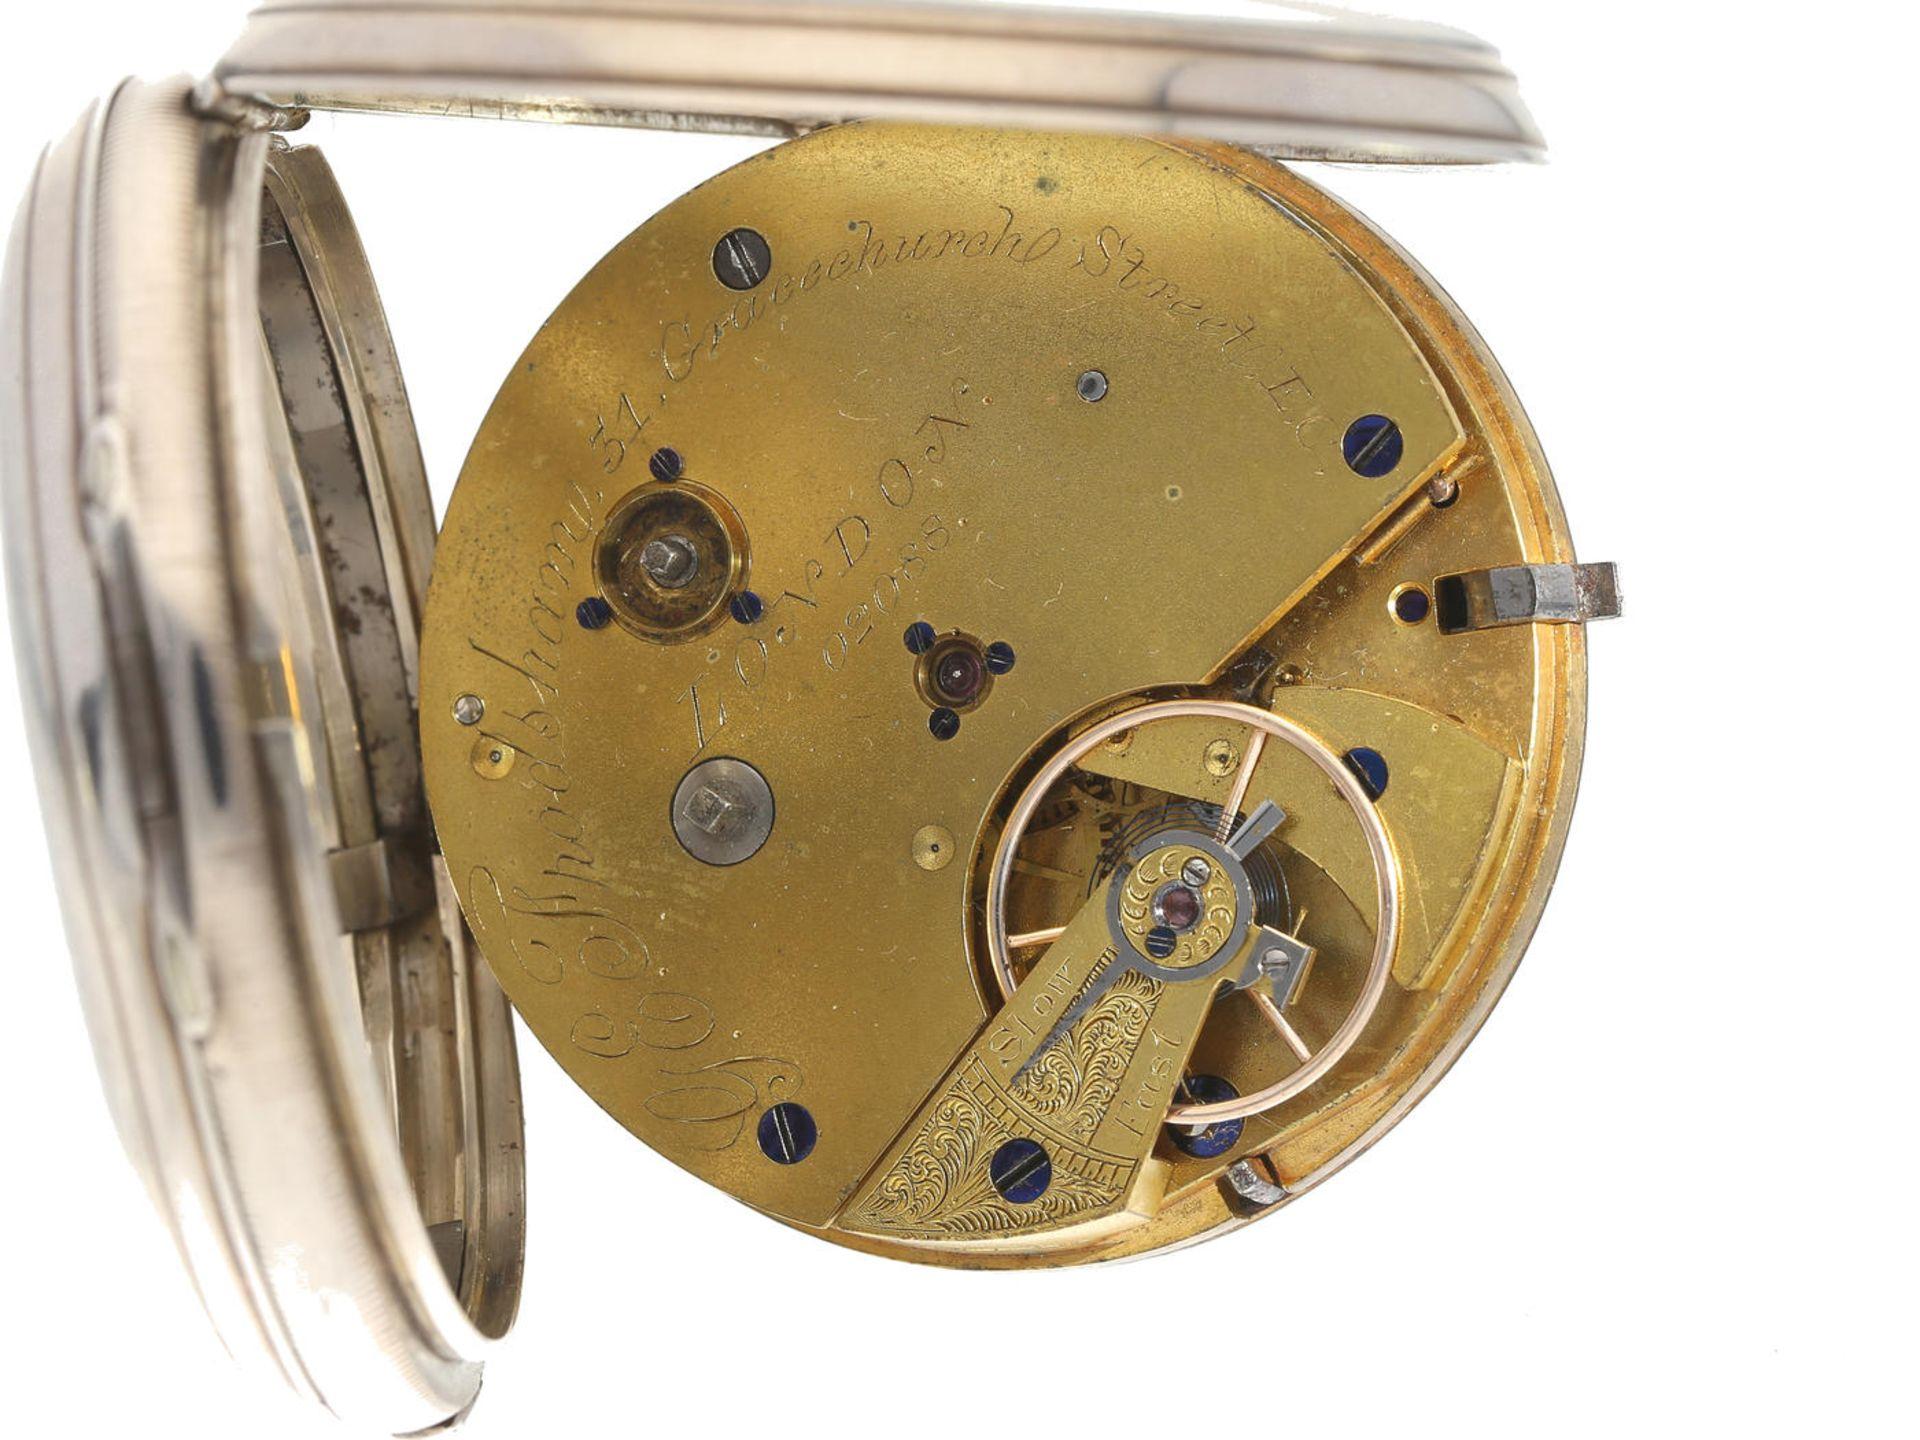 Taschenuhr: früher Chronograph feiner Qualität, signiert Frodsham London, Hallmarks 1853 Ca. - Bild 2 aus 3